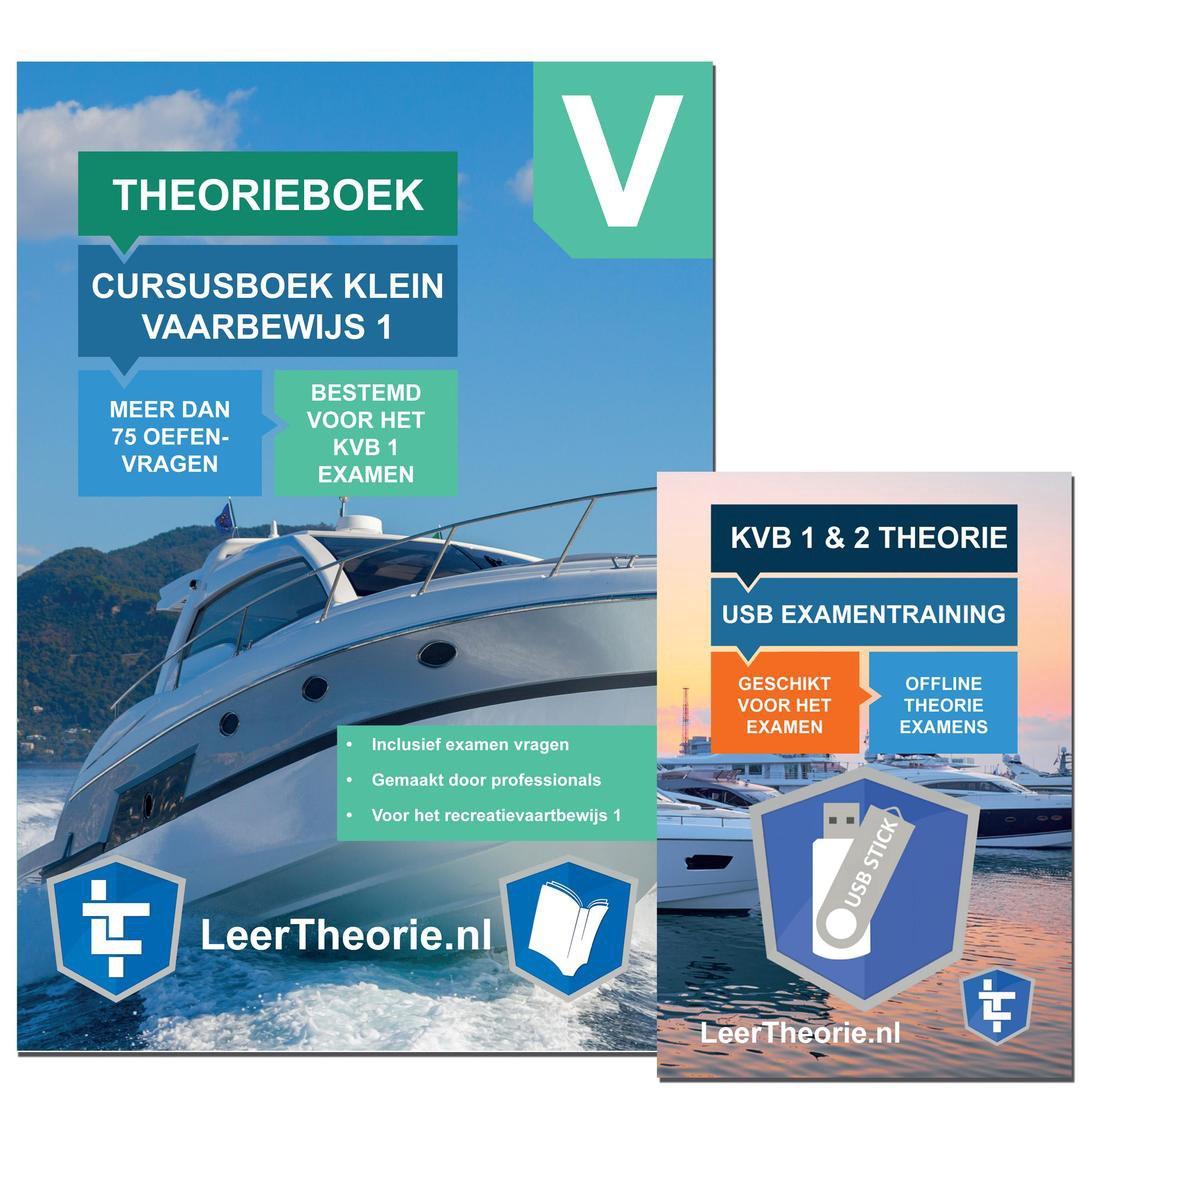 Vaarbewijs 1 2021 - Theorieboek Vaarbewijs 1  - USB Stick Vaarbewijs Theorie Oefen Examens voor het